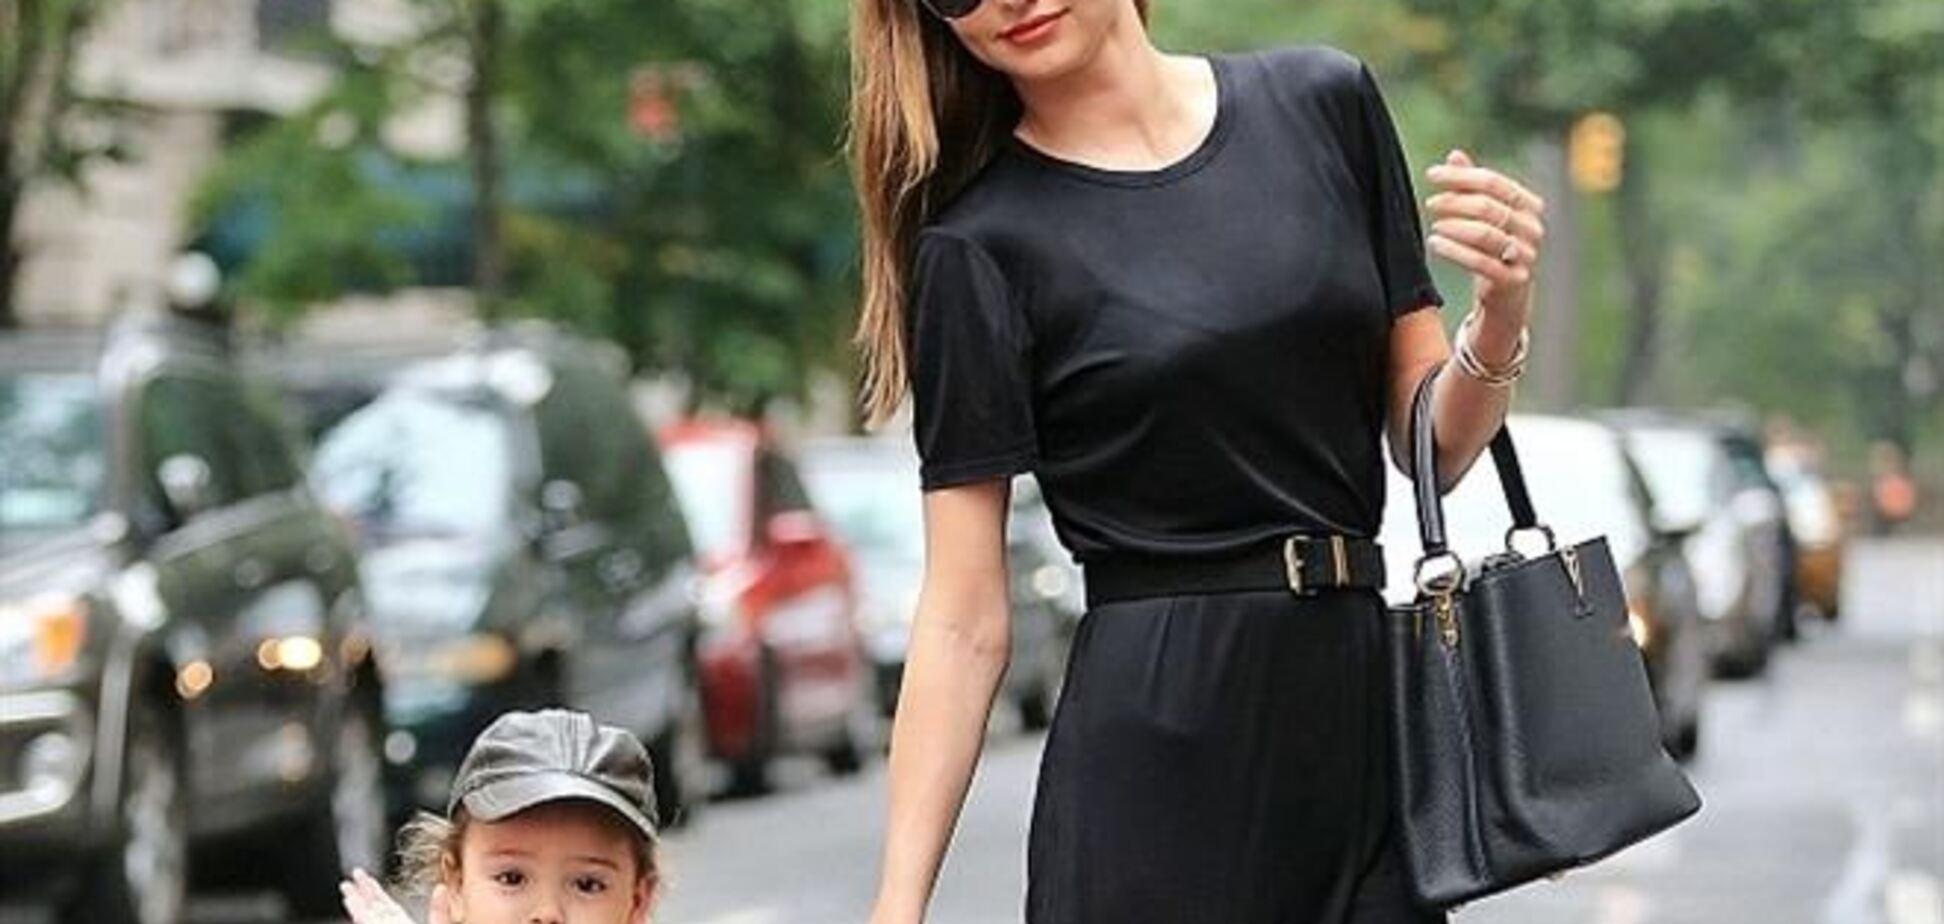 Миранда Керр гуляет с сыном в Нью-Йорке